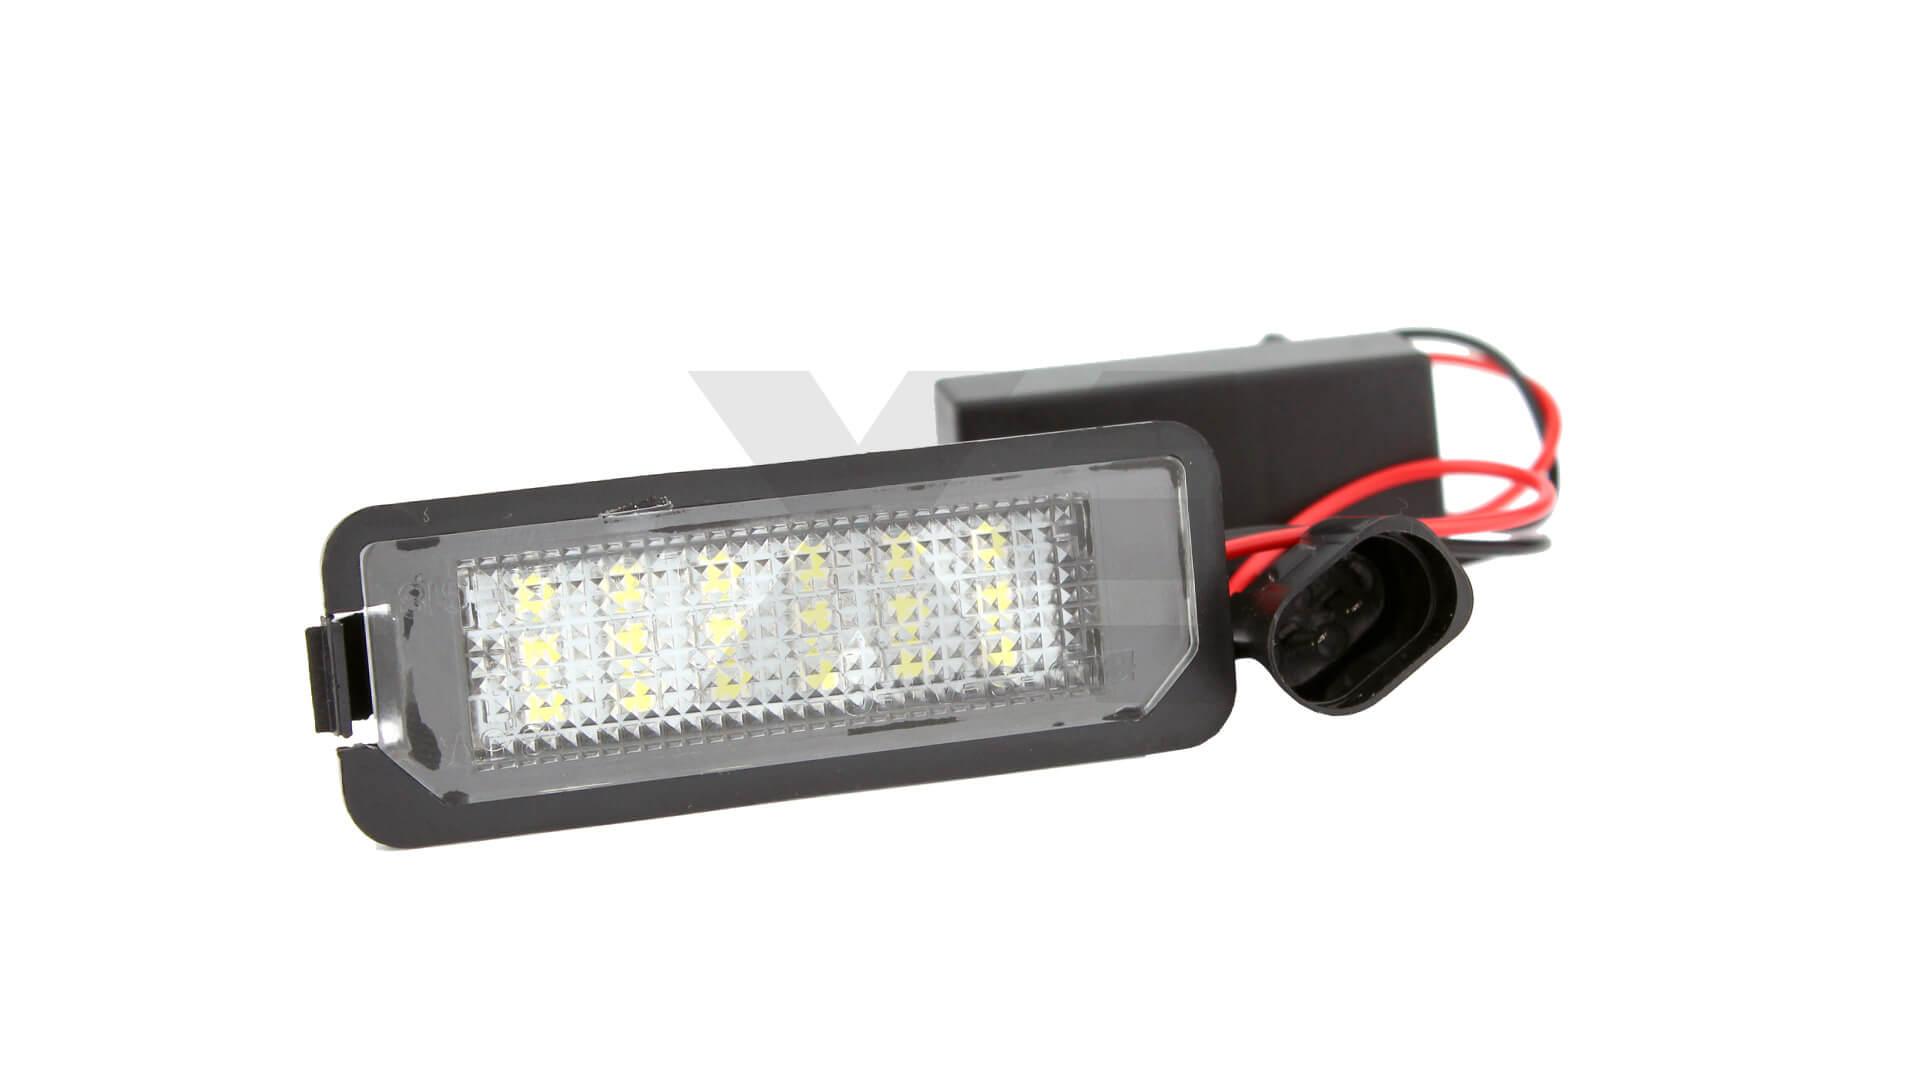 Kit Plafoniere LED Targa Volkswagen (Golf 7, etc.)